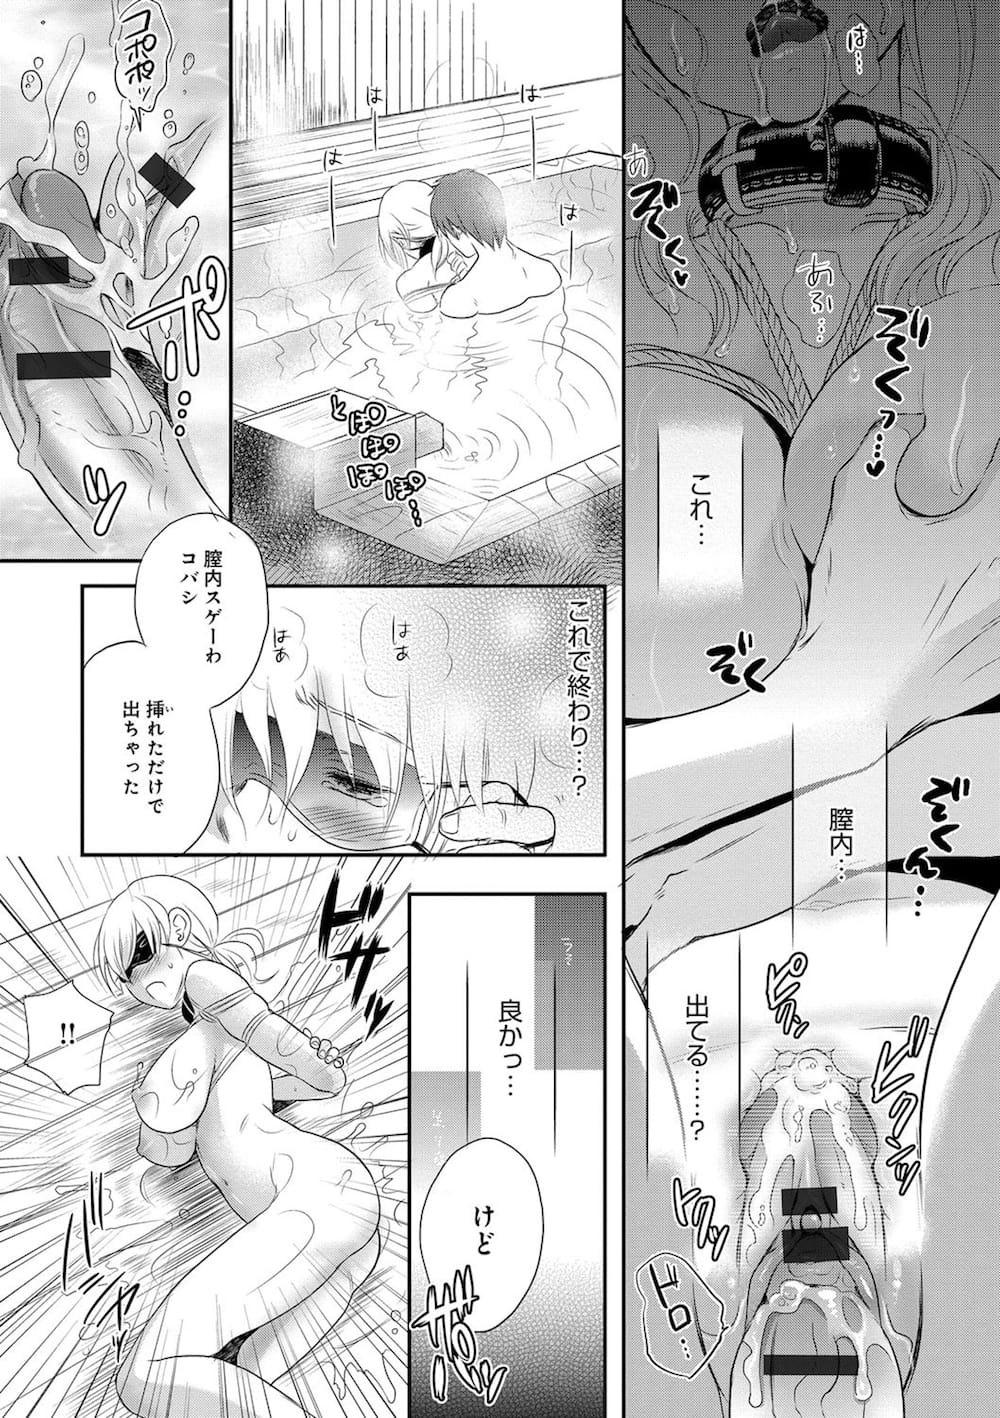 目隠し拘束放置プレイからアナル浣腸で脱糞www【エロ漫画・同人誌】 027